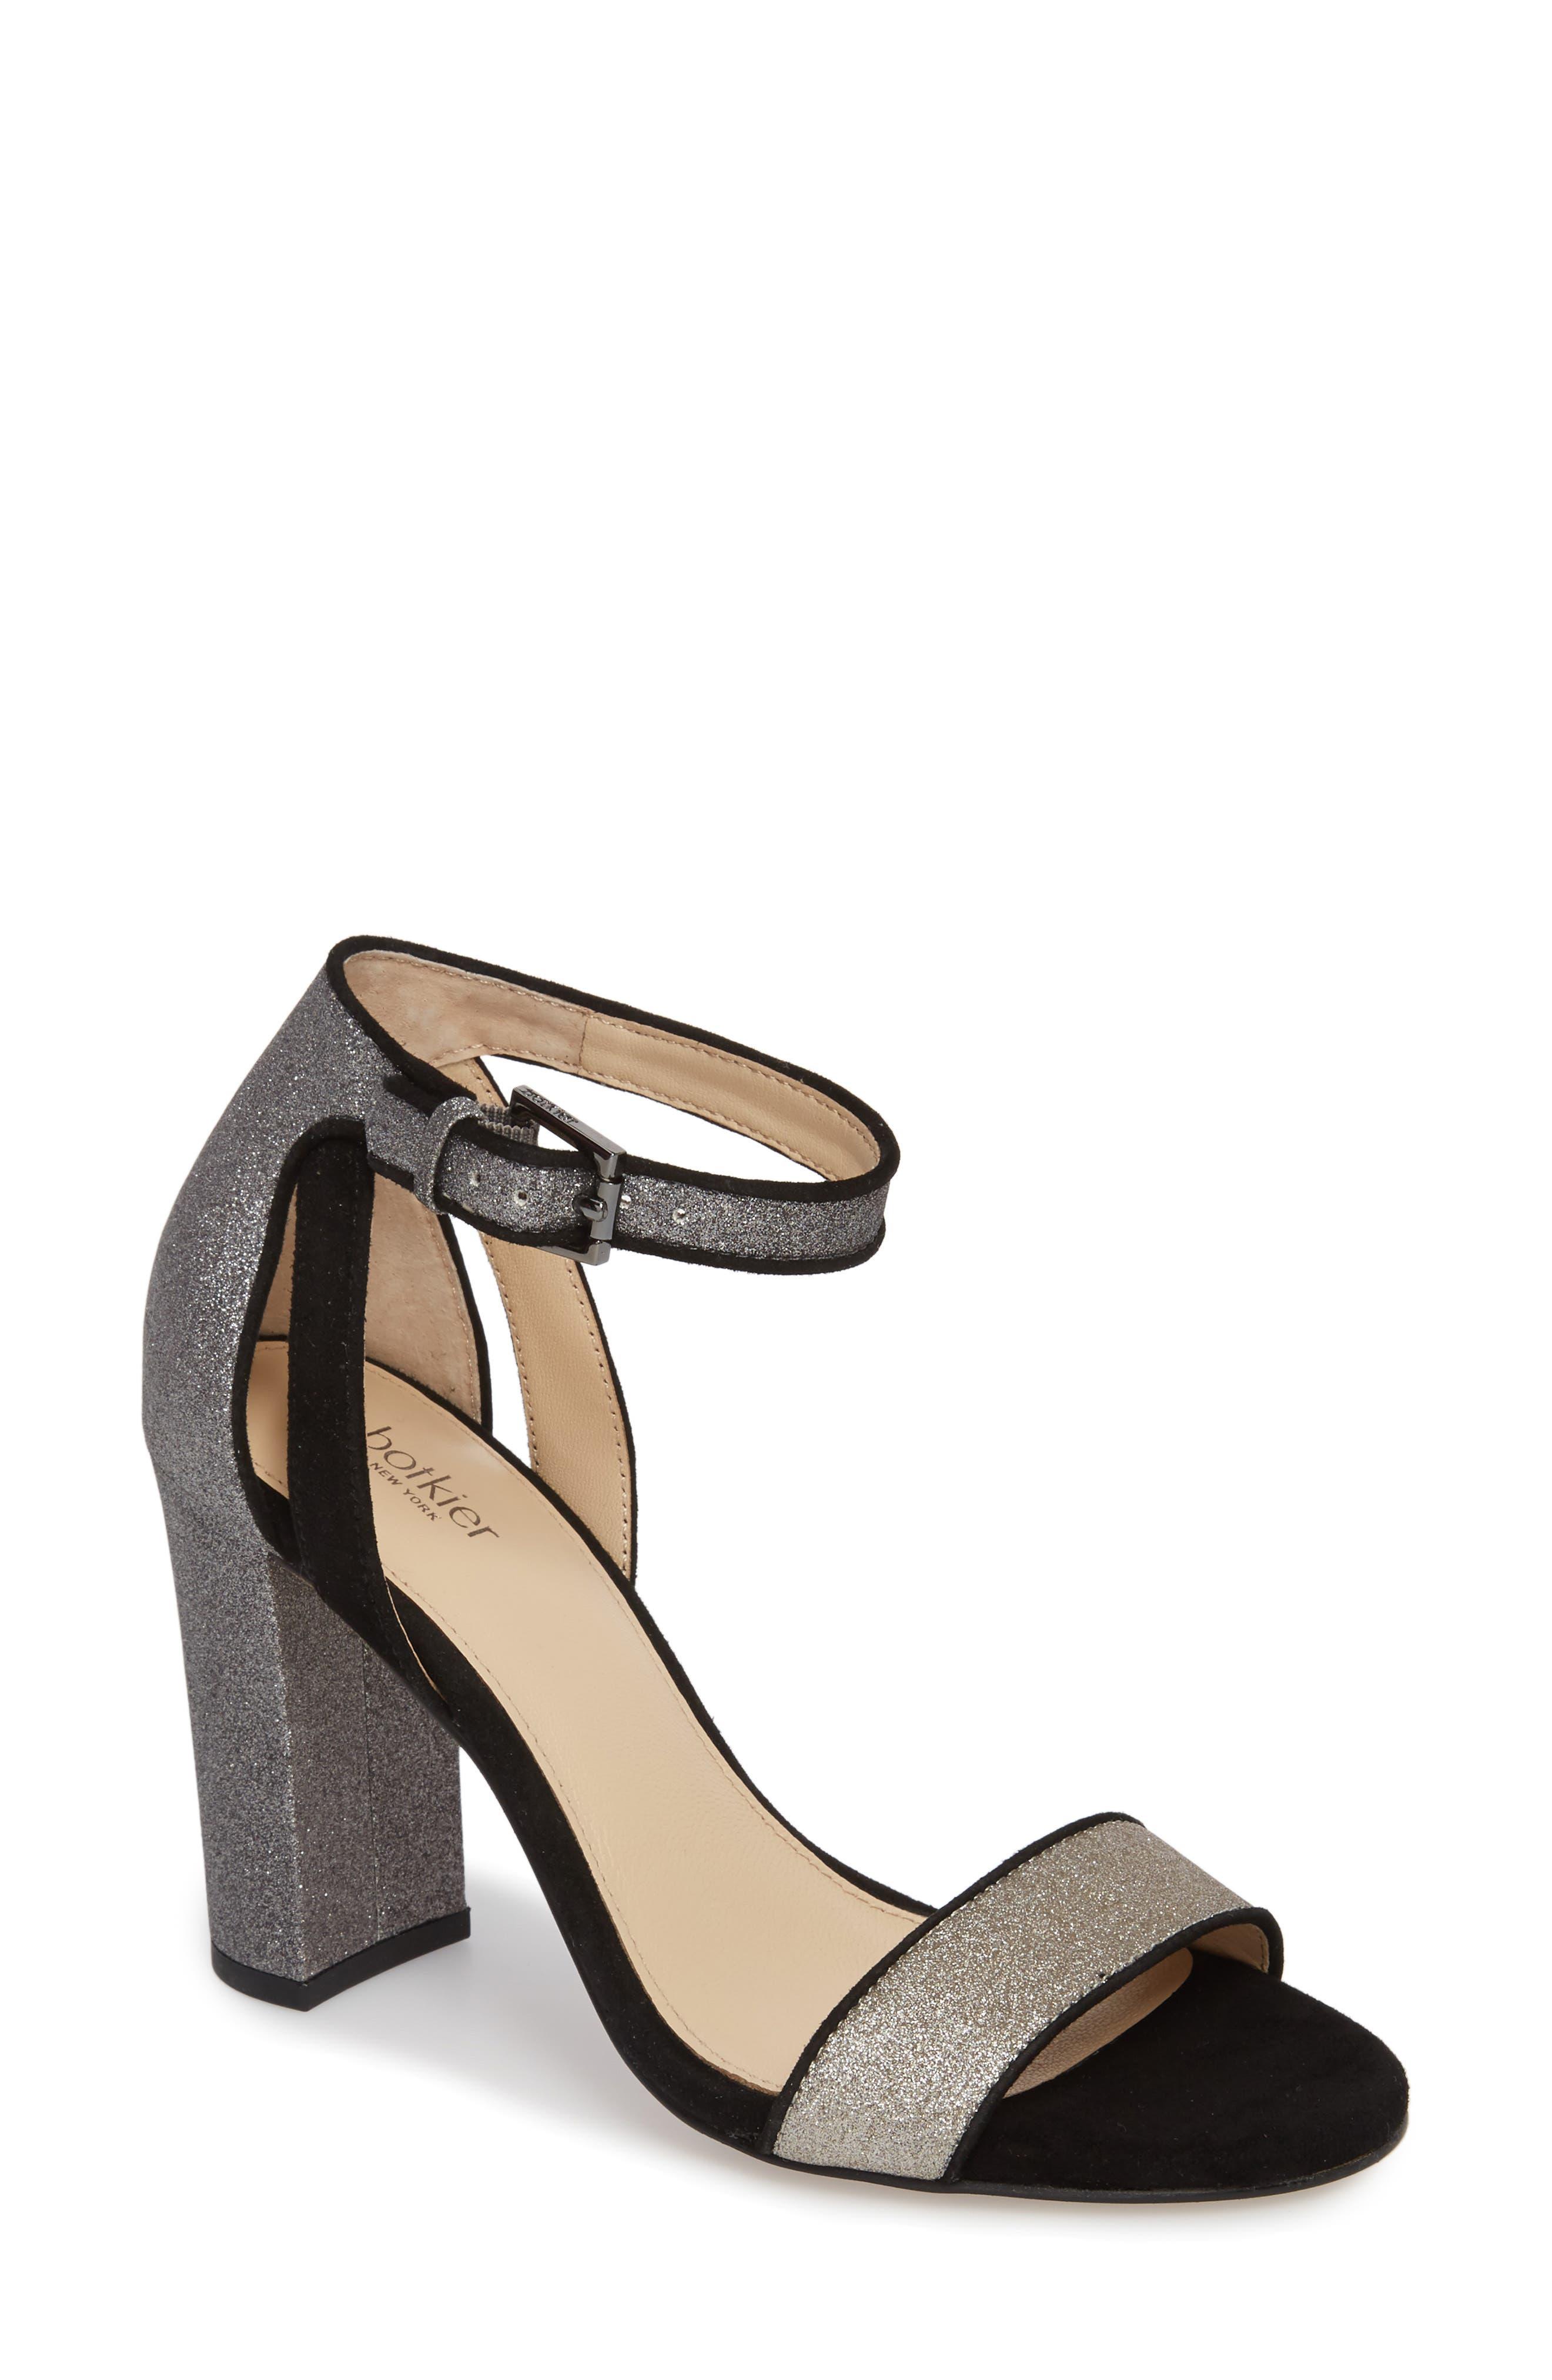 Gianna Ankle Strap Sandal,                             Main thumbnail 1, color,                             Gunmetal Glitter